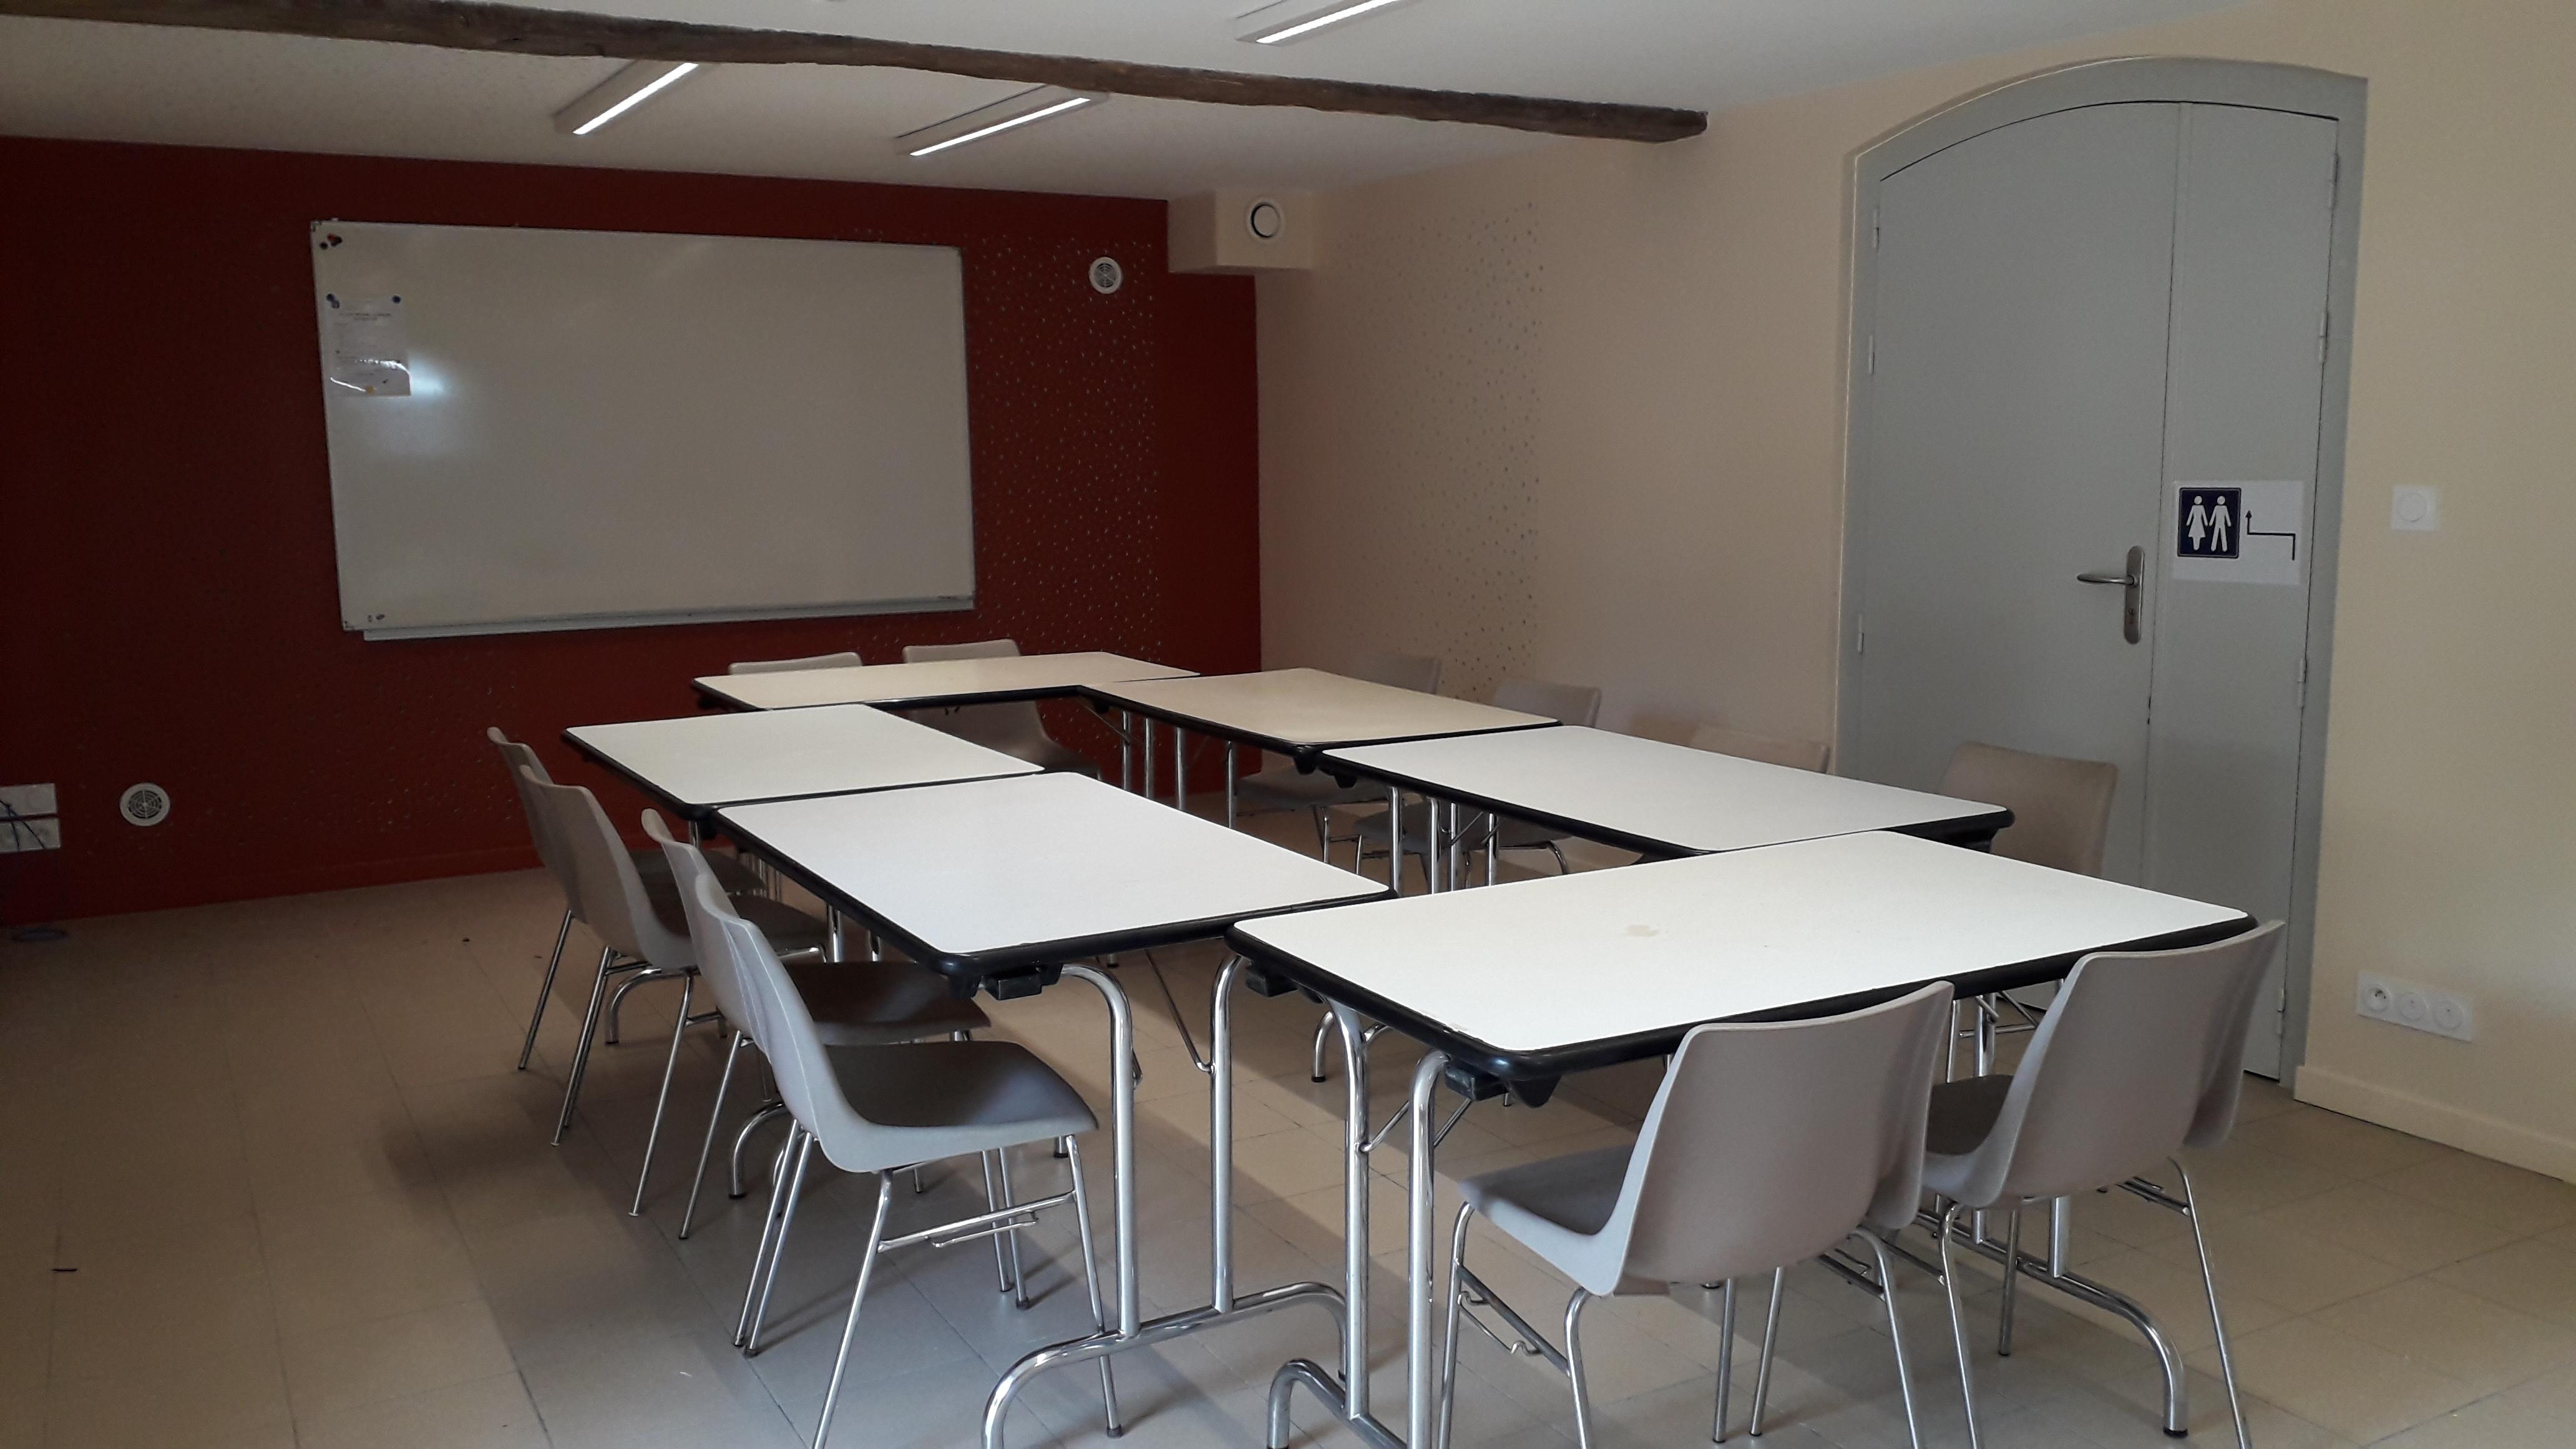 salle de réunion - sept2021 _2_.jpg